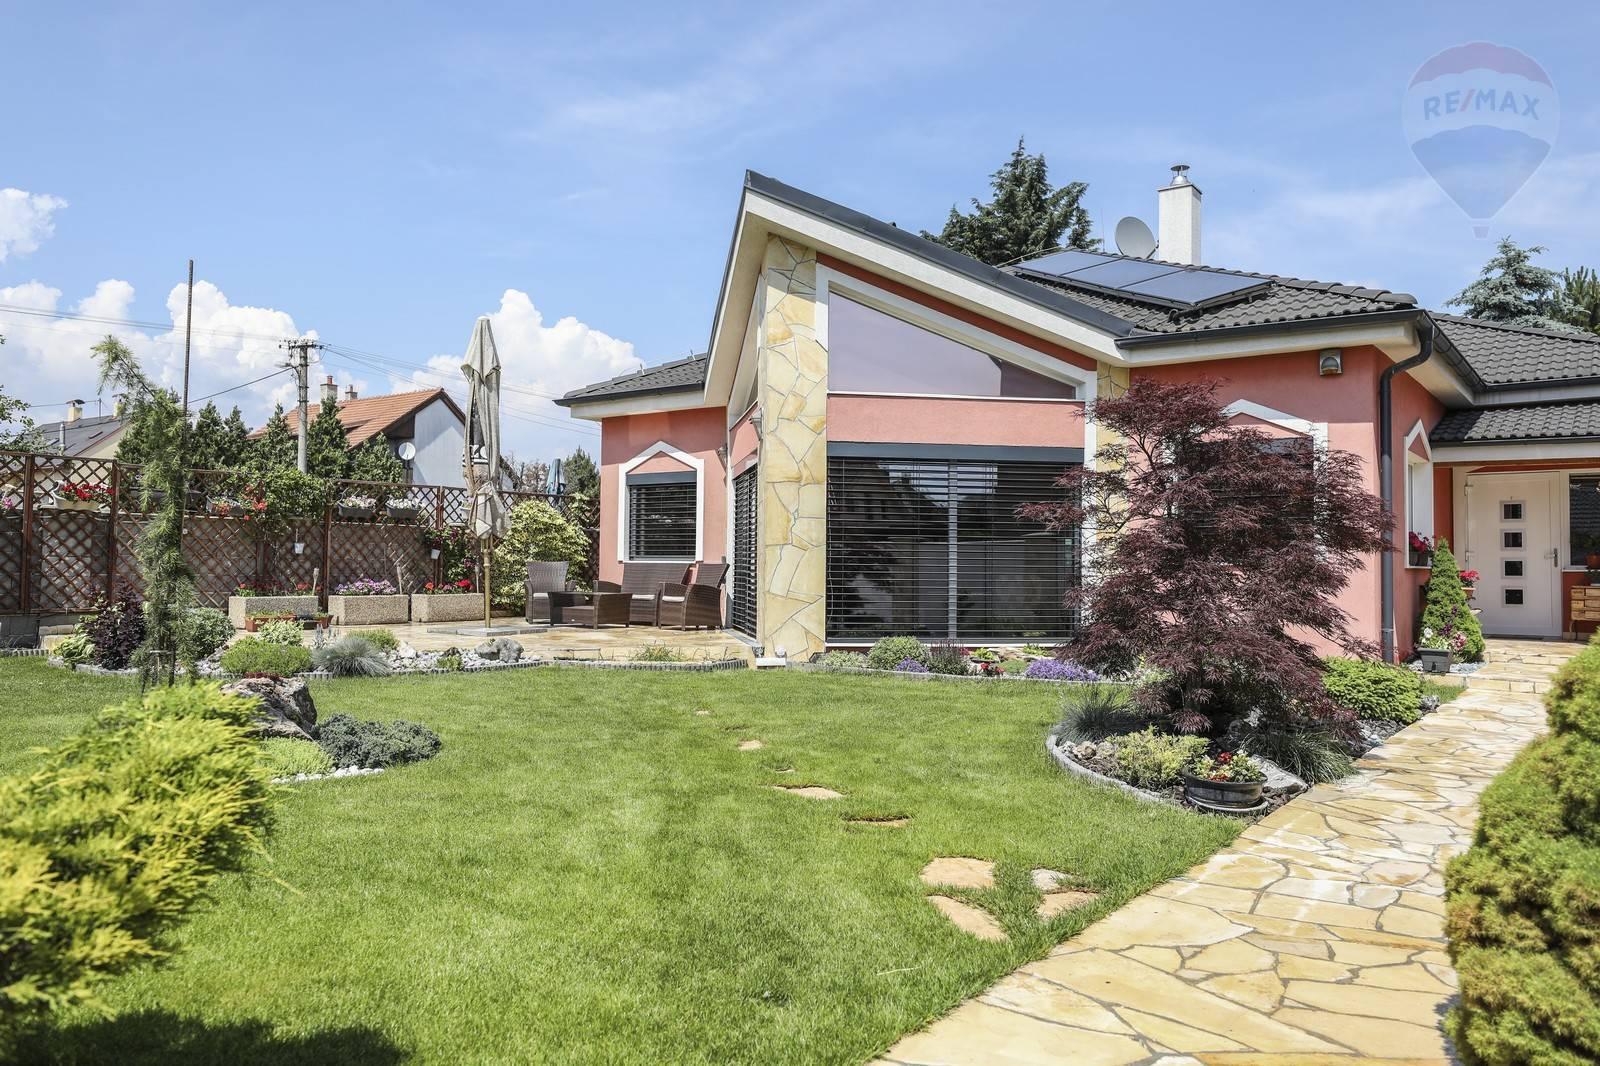 Predaj domu 246 m2, Bratislava - Vrakuňa -